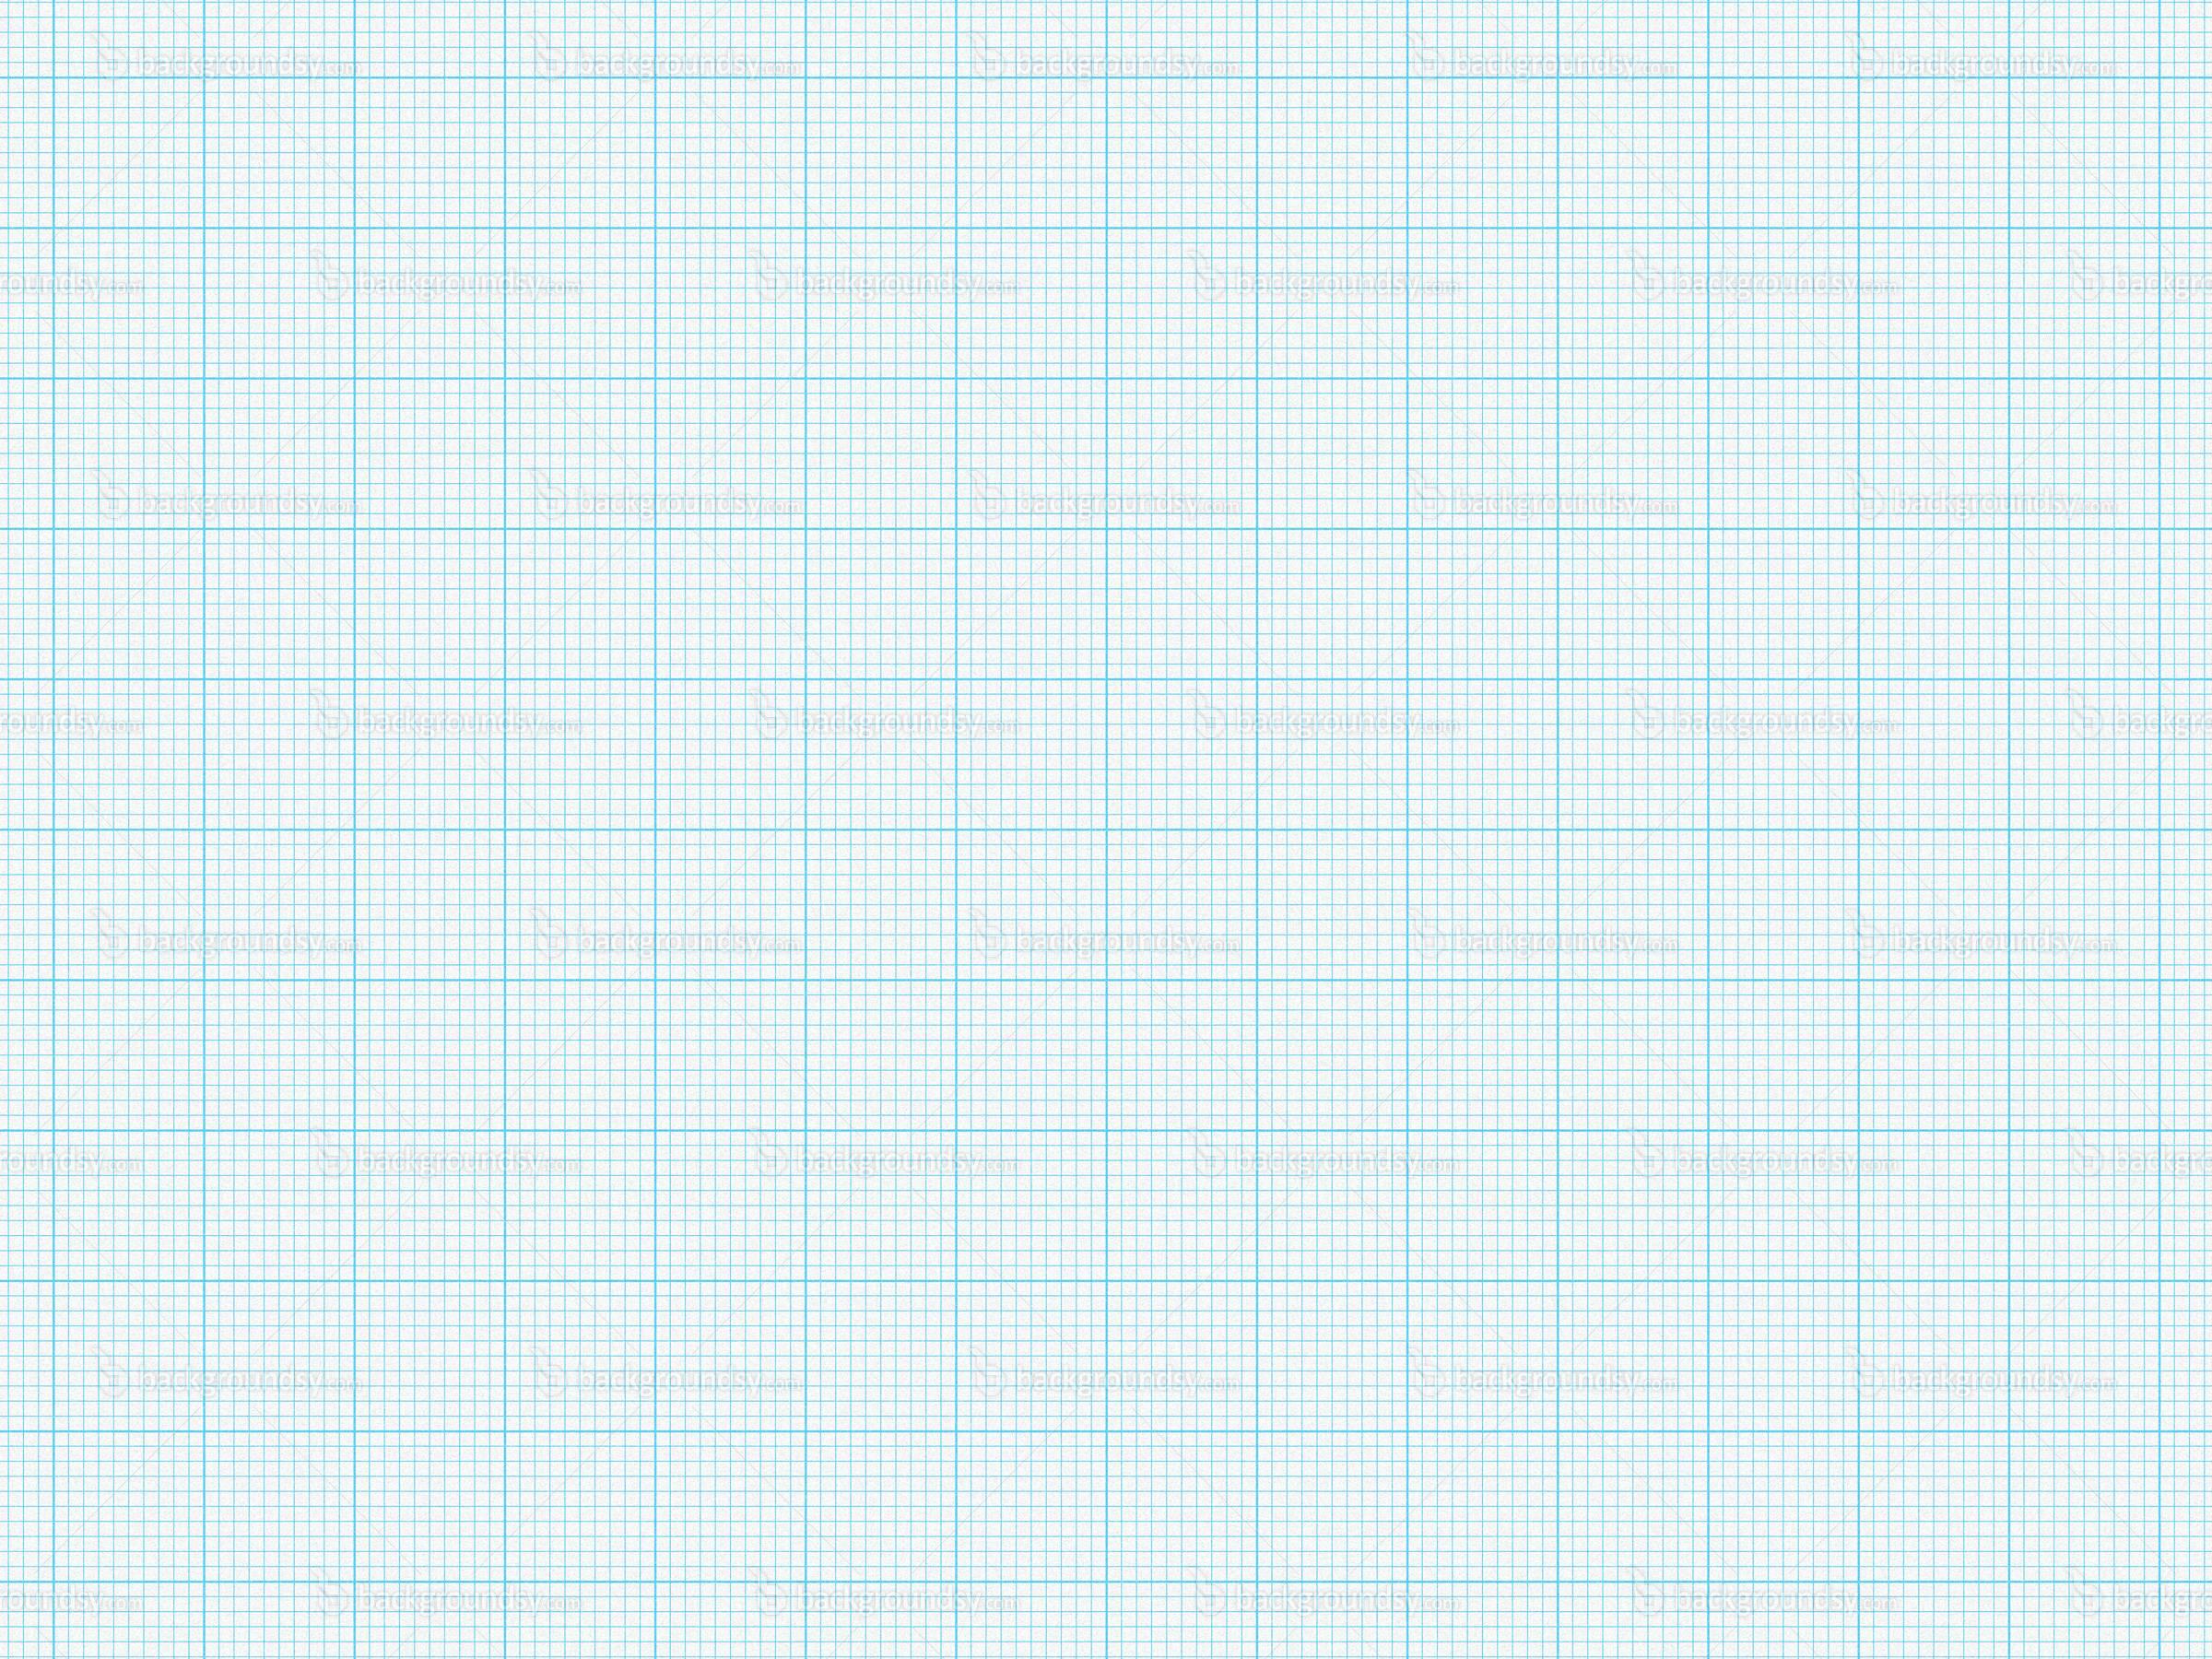 graph paper wallpaper wallpapersafari